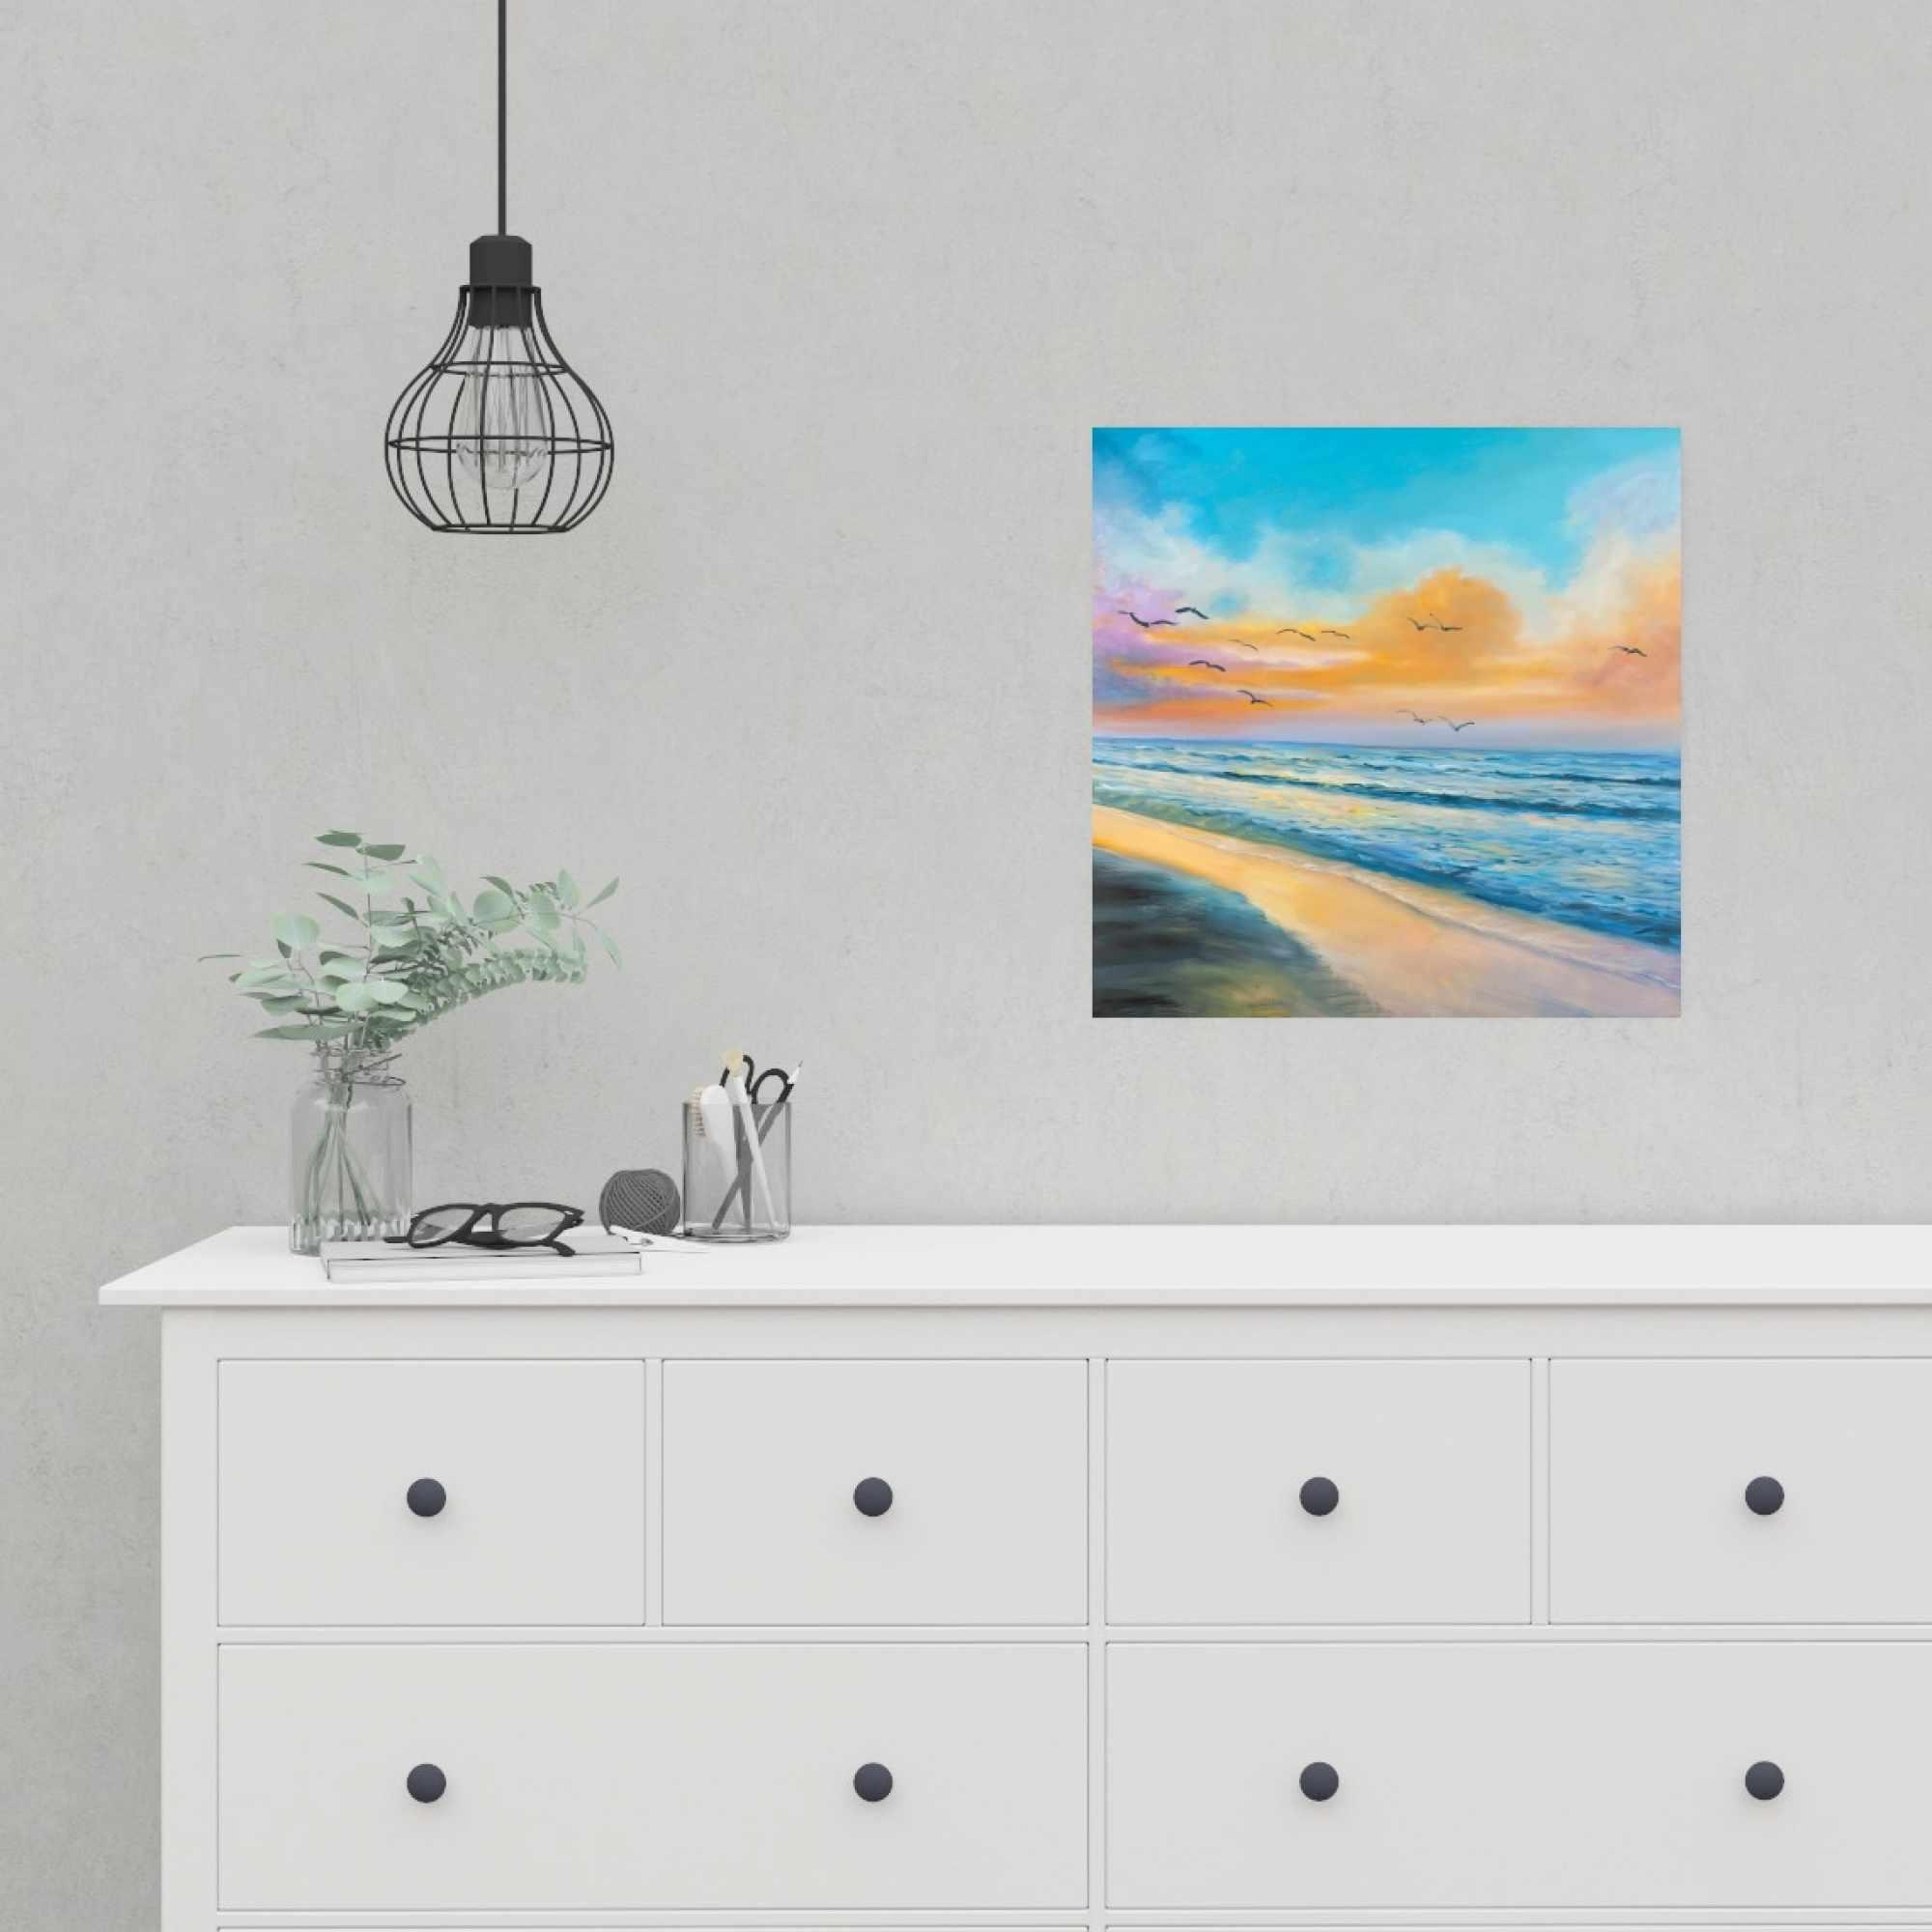 Affiche 16 x 16 - Coucher de soleil tropical à couper le souffle